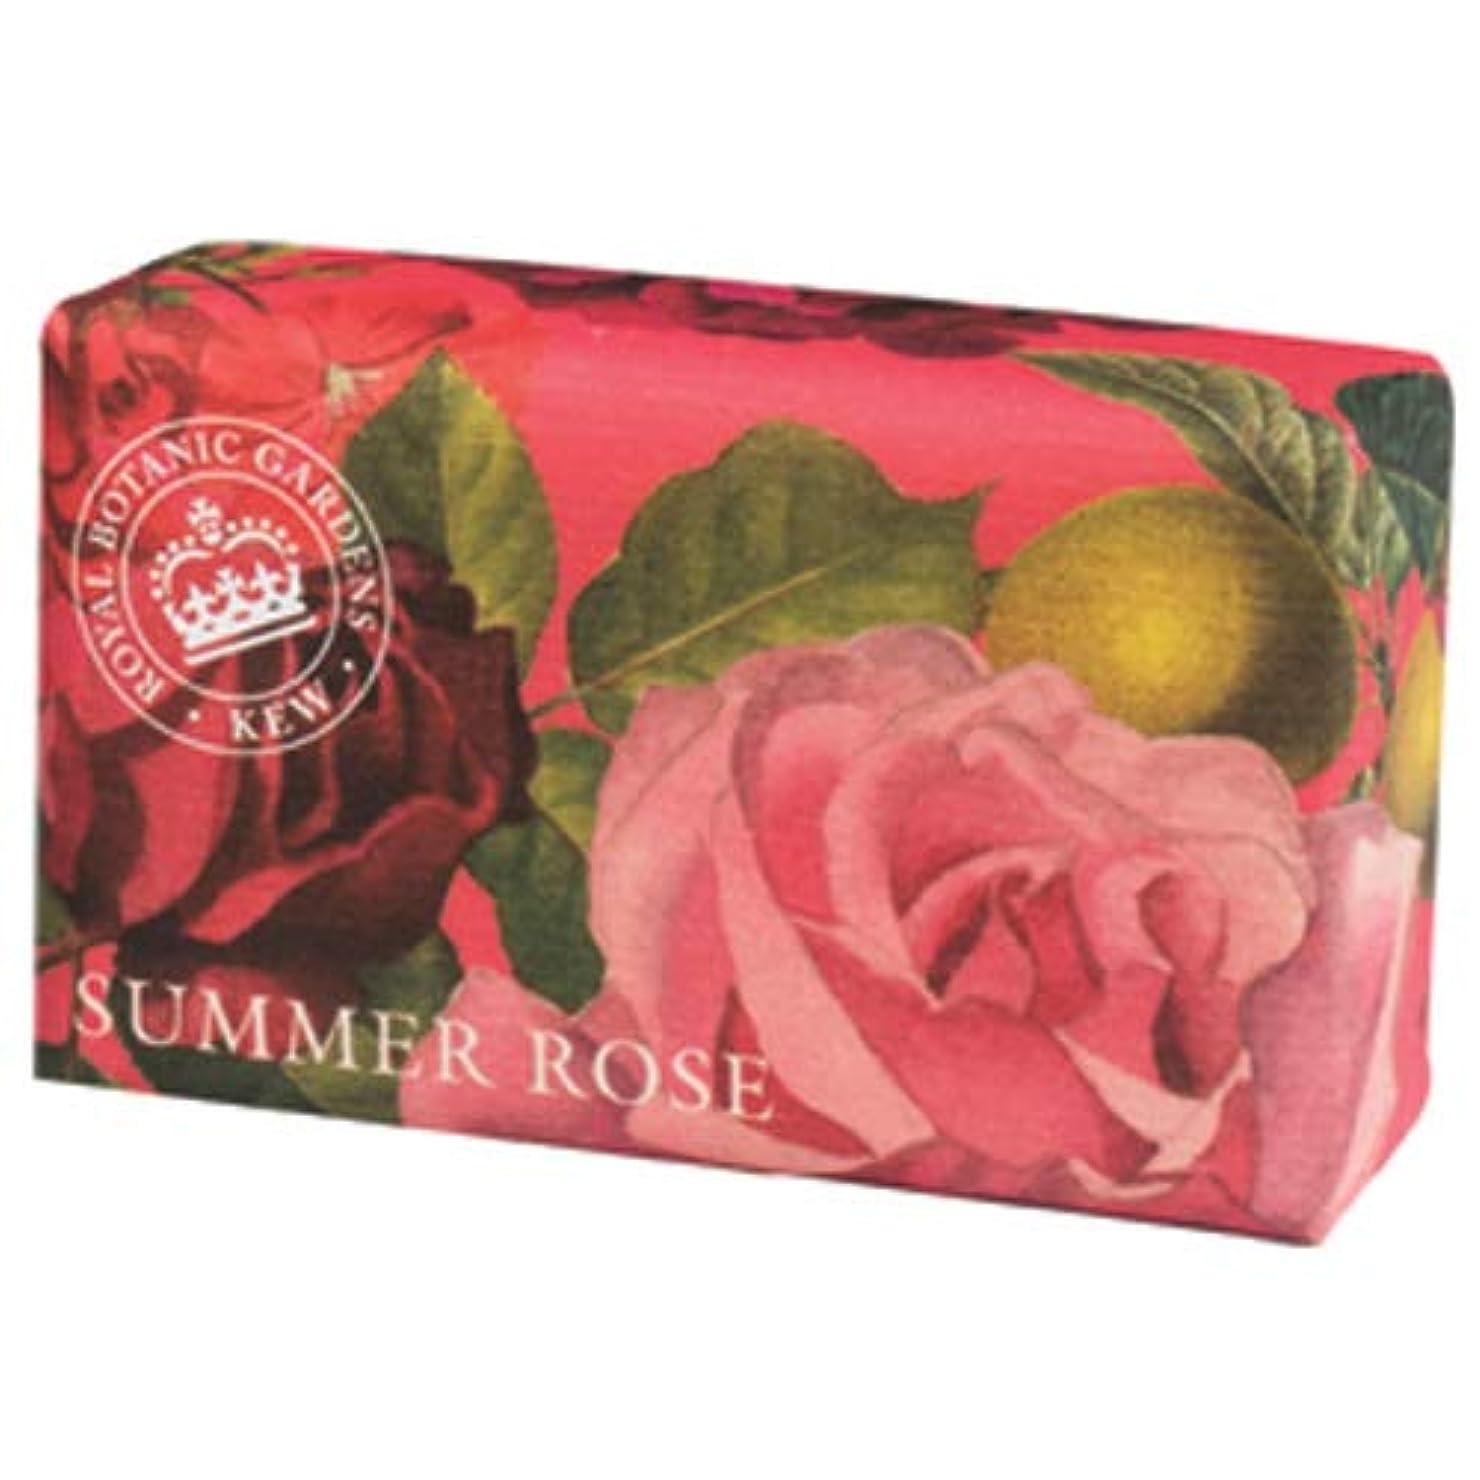 しおれたしかしながら例示するEnglish Soap Company イングリッシュソープカンパニー KEW GARDEN キュー?ガーデン Luxury Shea Soaps シアソープ Summer Rose サマーローズ